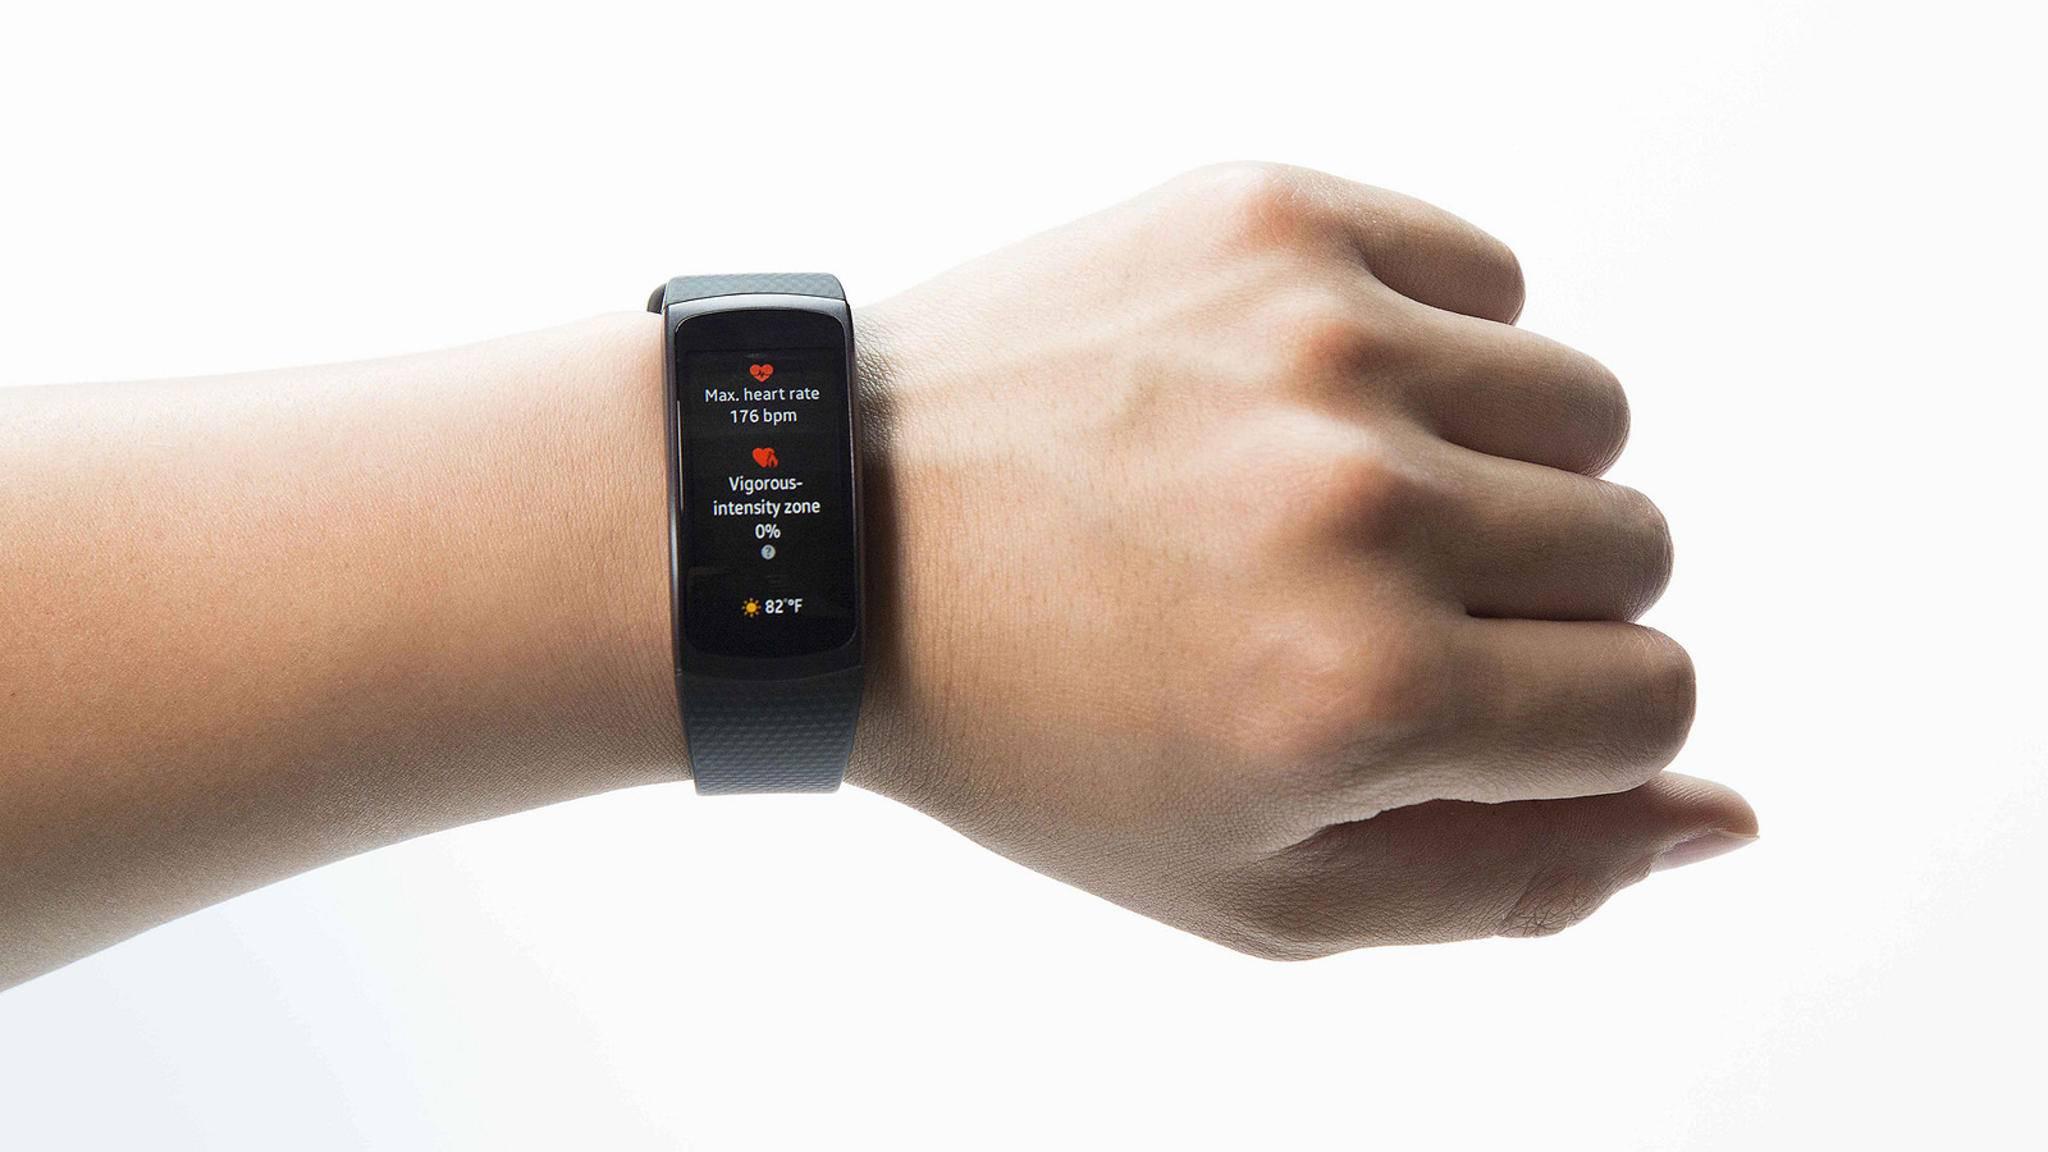 Abgesehn von der Uhrenschnalle dürfte sich die Samsung Gear Fit 2 Pro optisch nicht allzu sehr von der Gear Fit 2 unterscheiden.